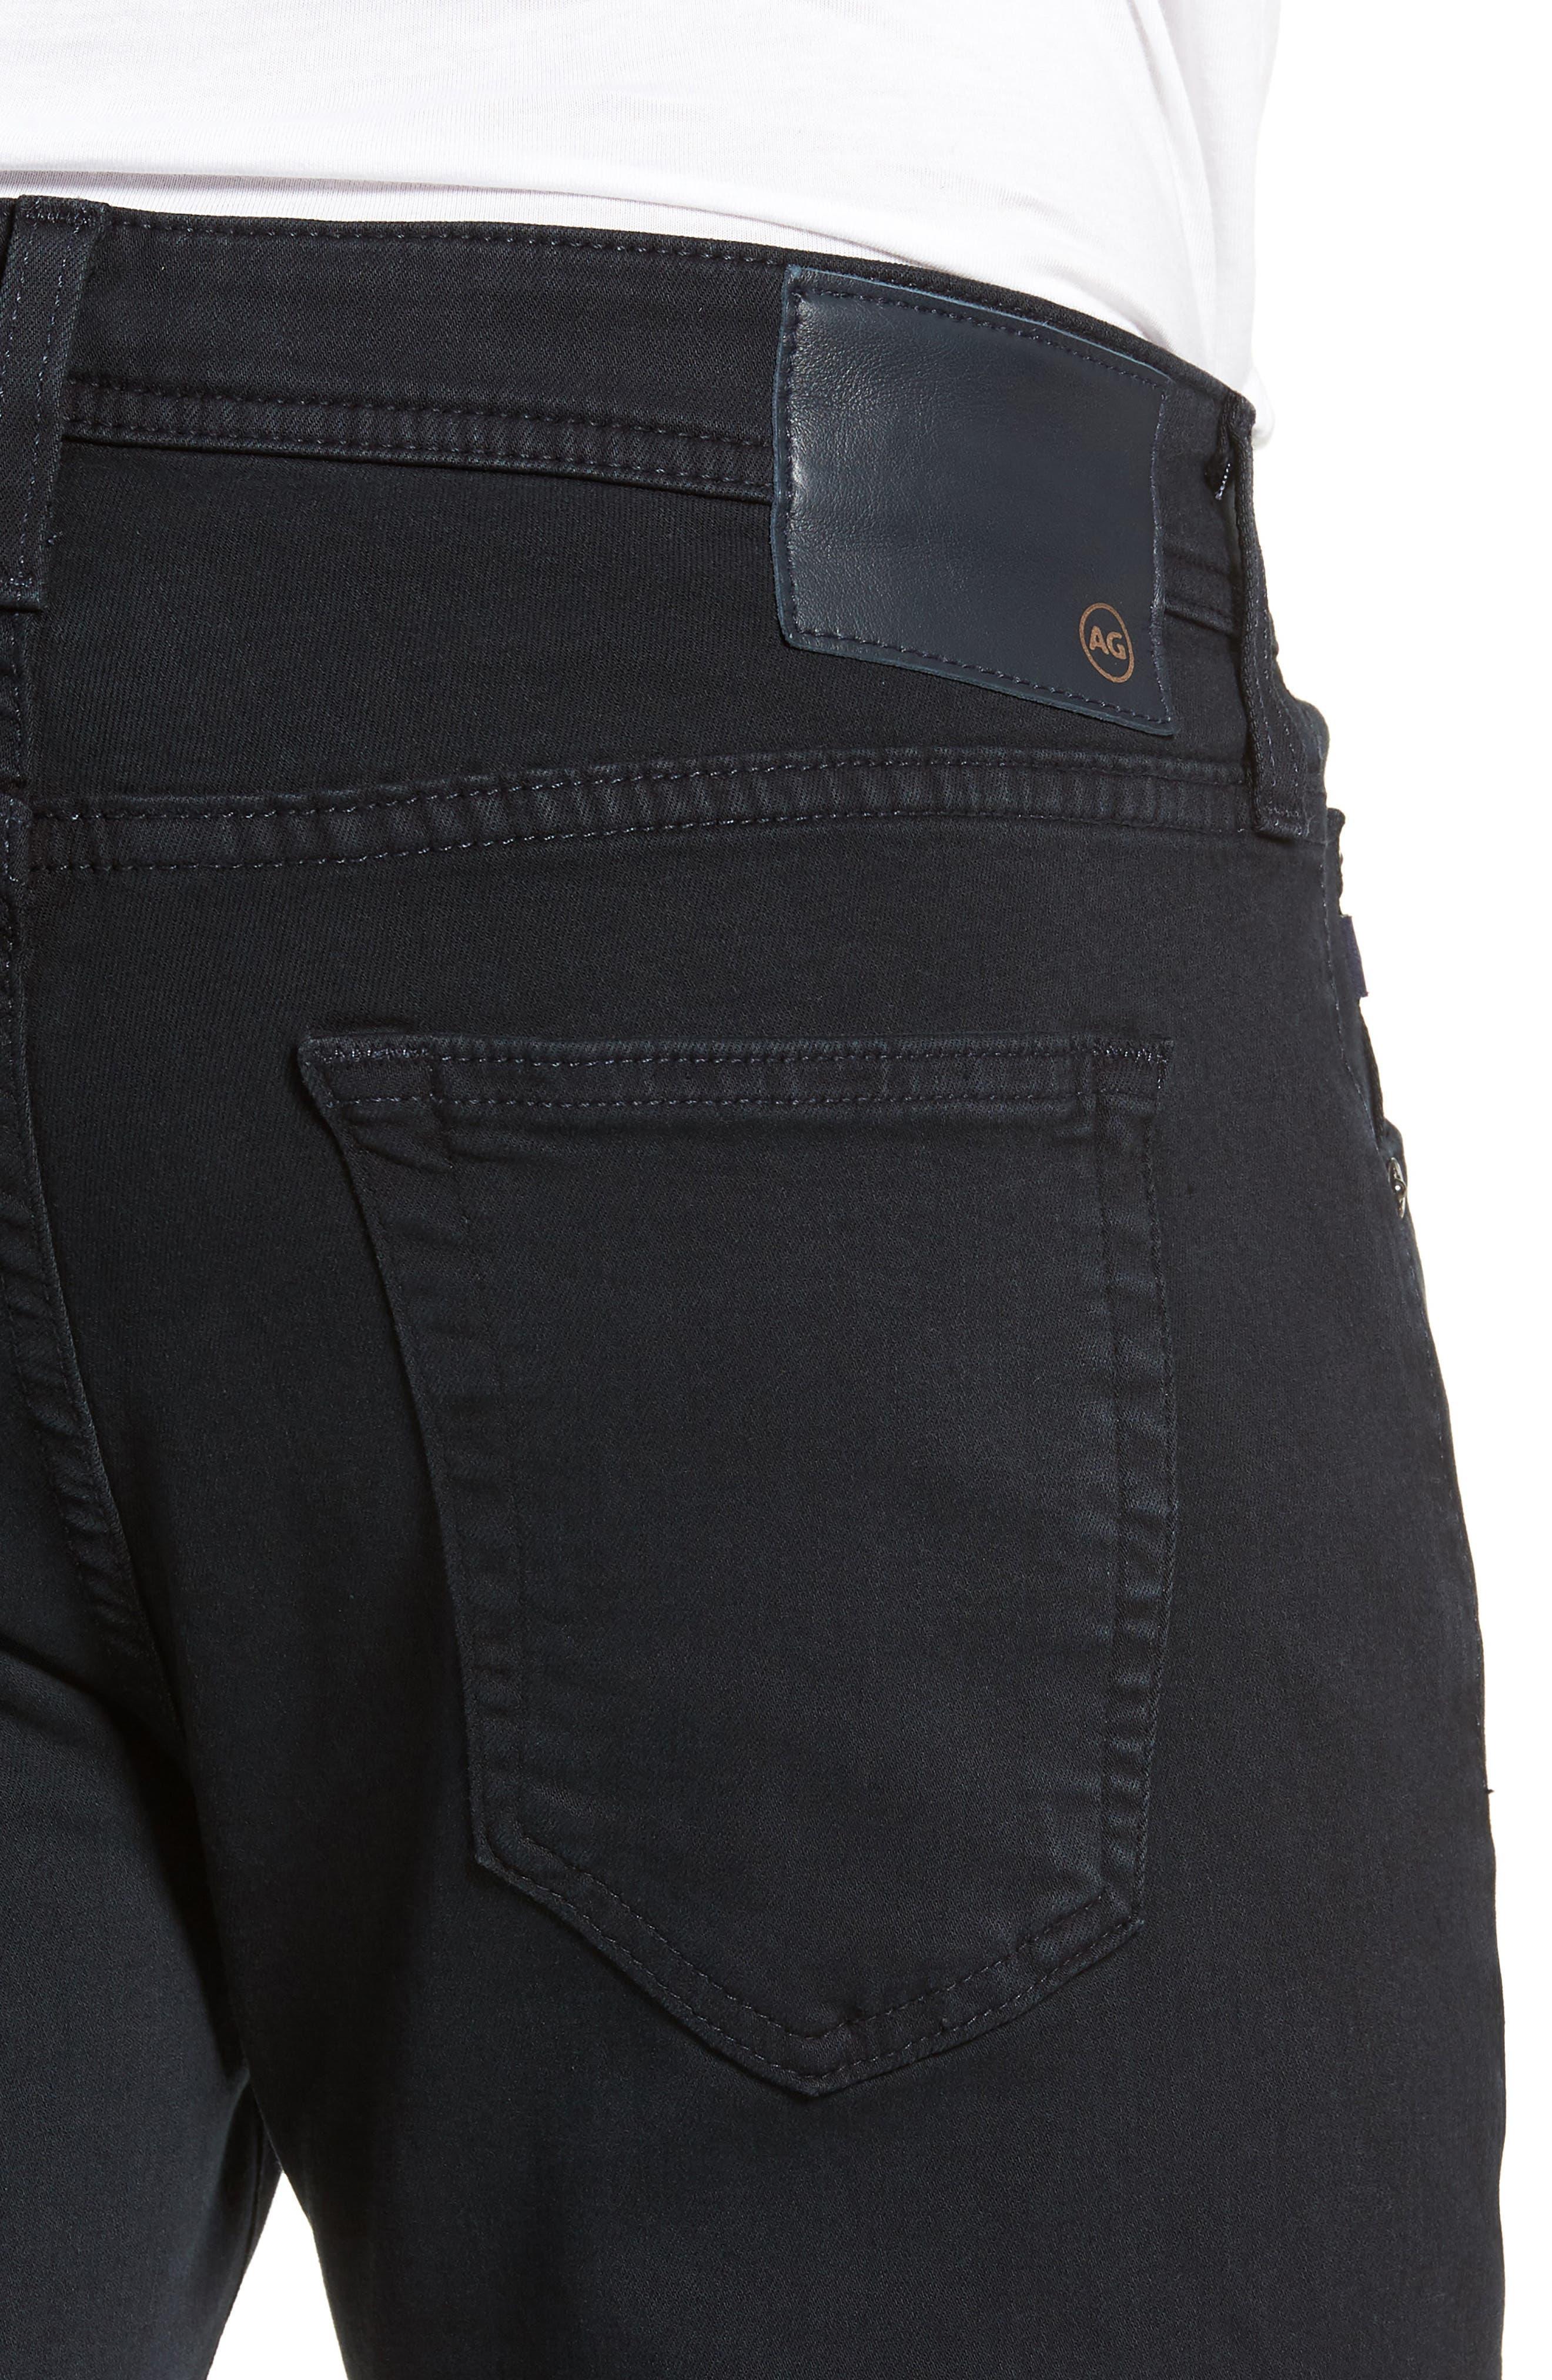 Tellis Slim Fit Jeans,                             Alternate thumbnail 4, color,                             BIG SUR